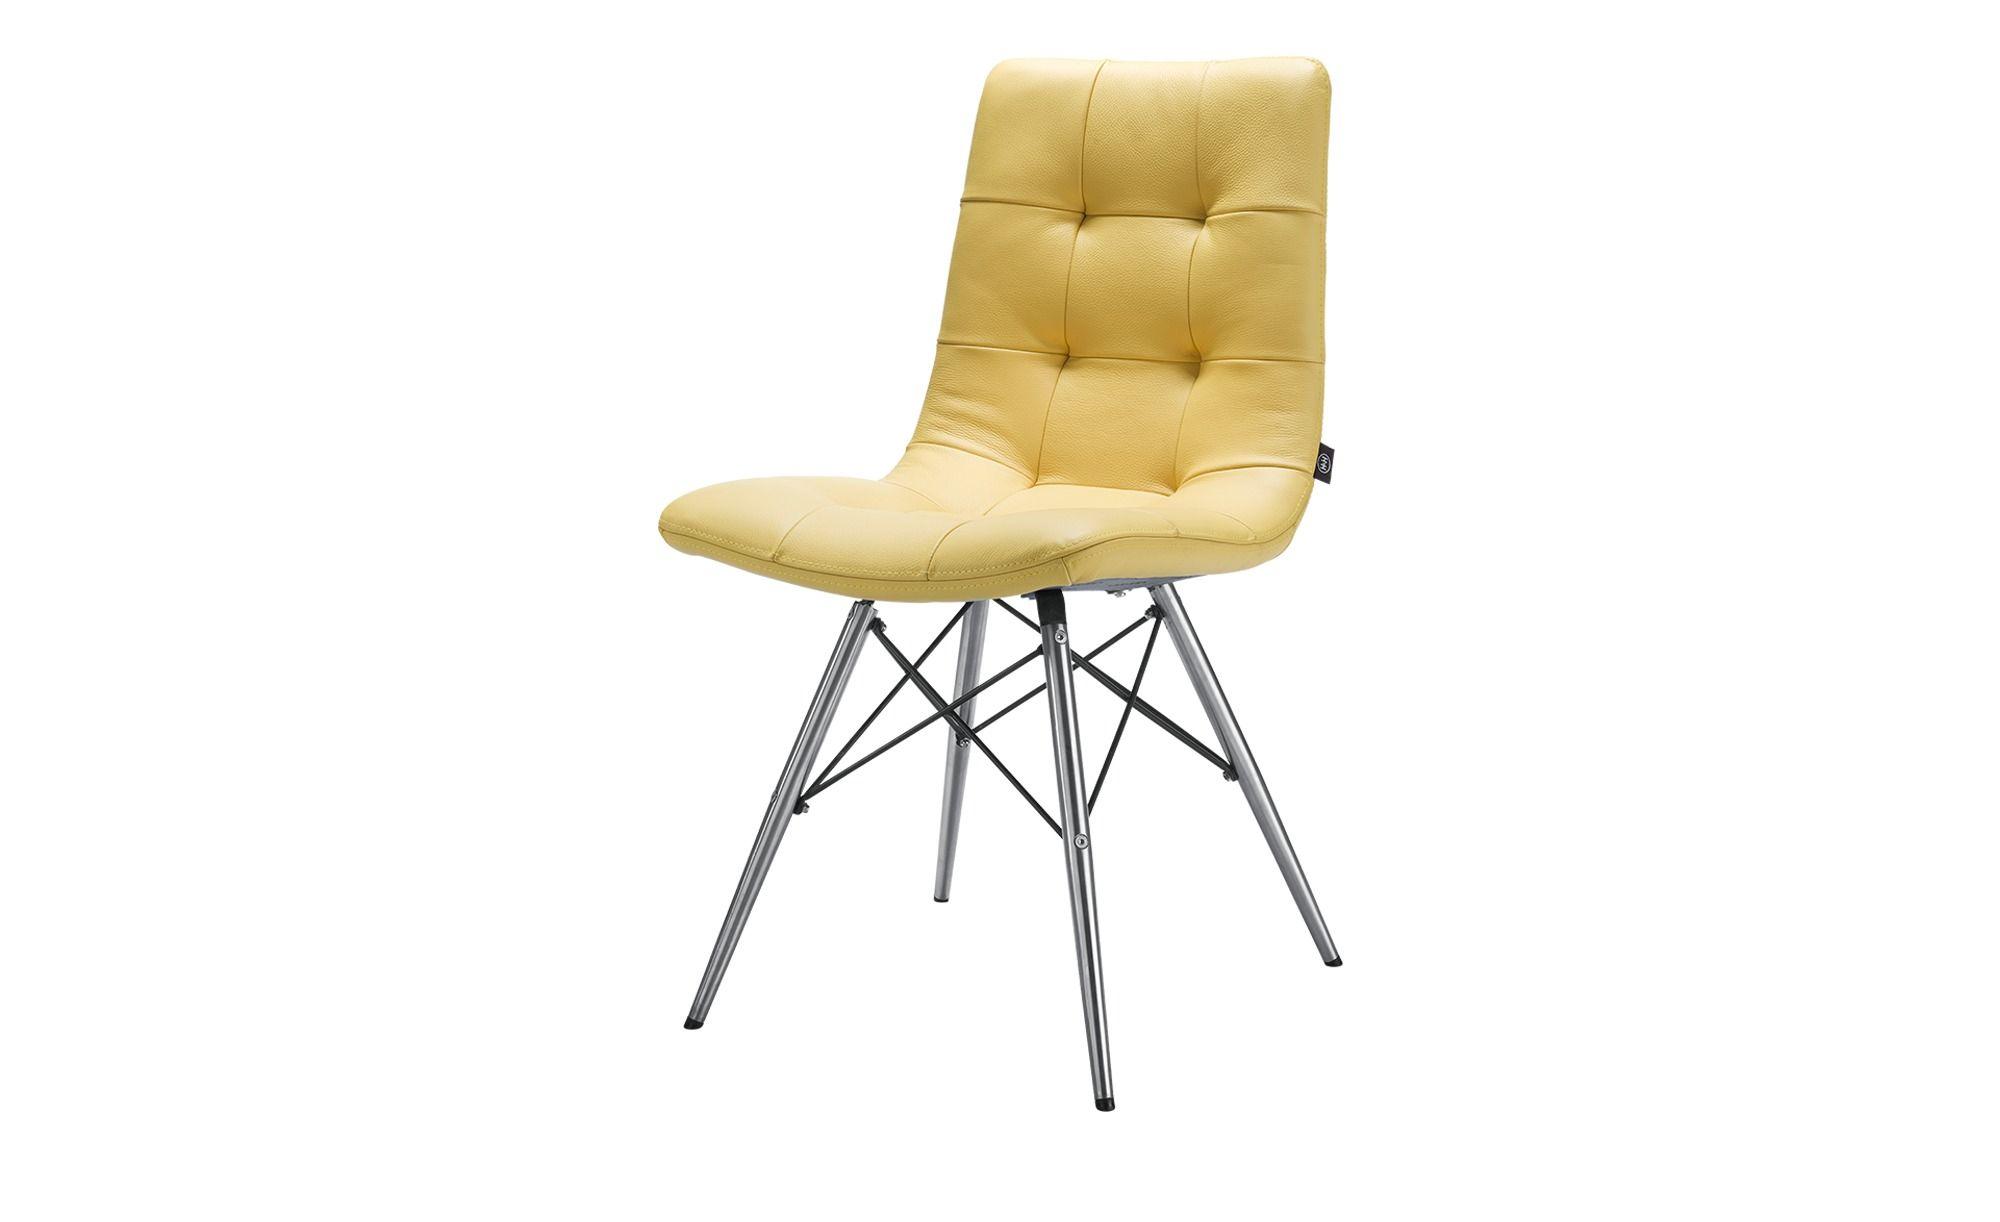 Pin By Ladendirekt On Stuhle Und Hocker